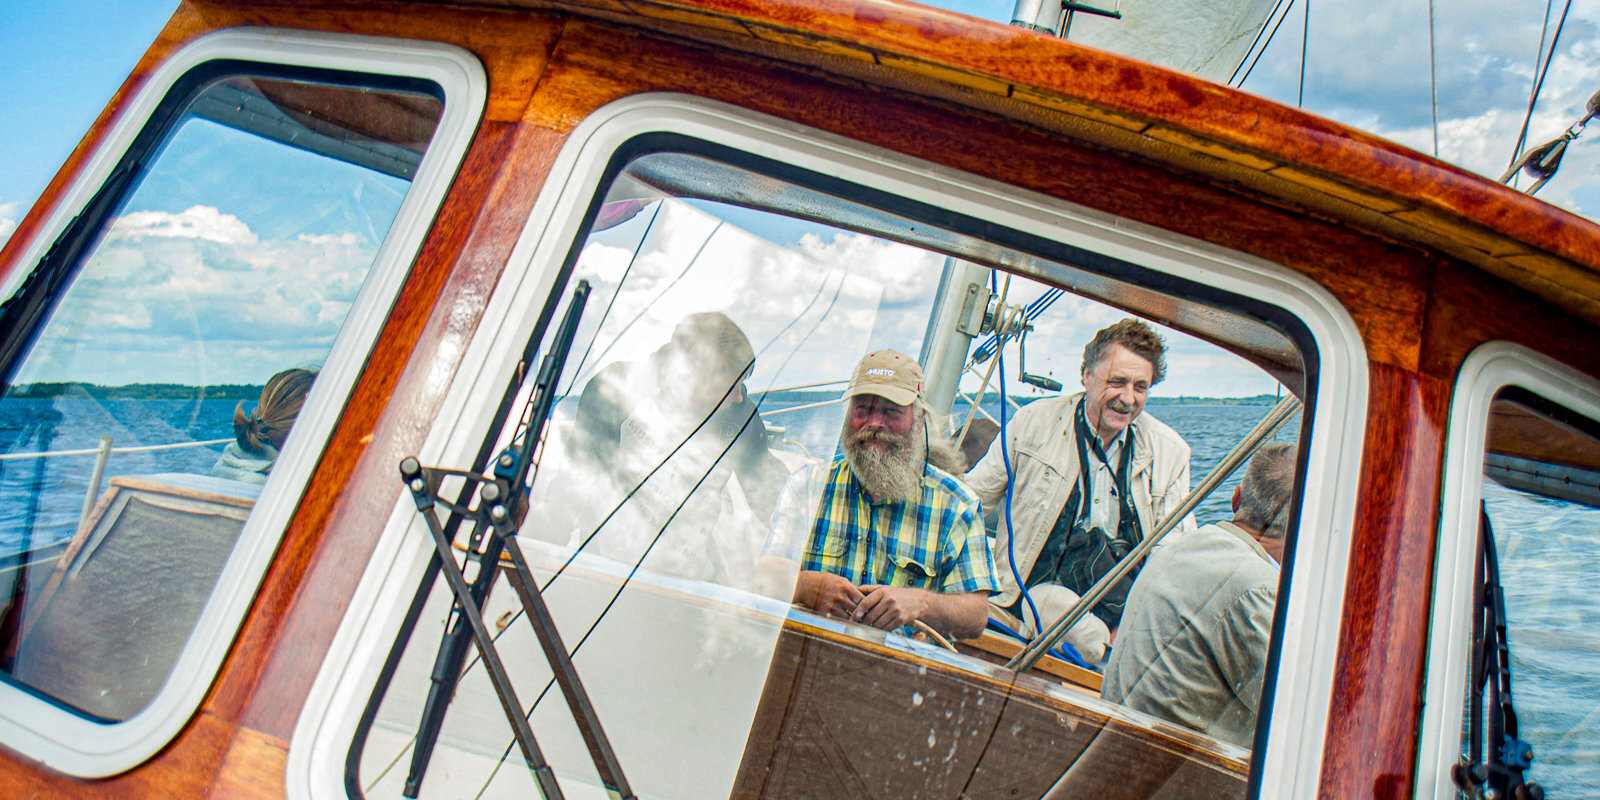 No lidmašīnām uz kuģiem. Kapteinis Andris Struckis par burāšanu Latgales jūrā